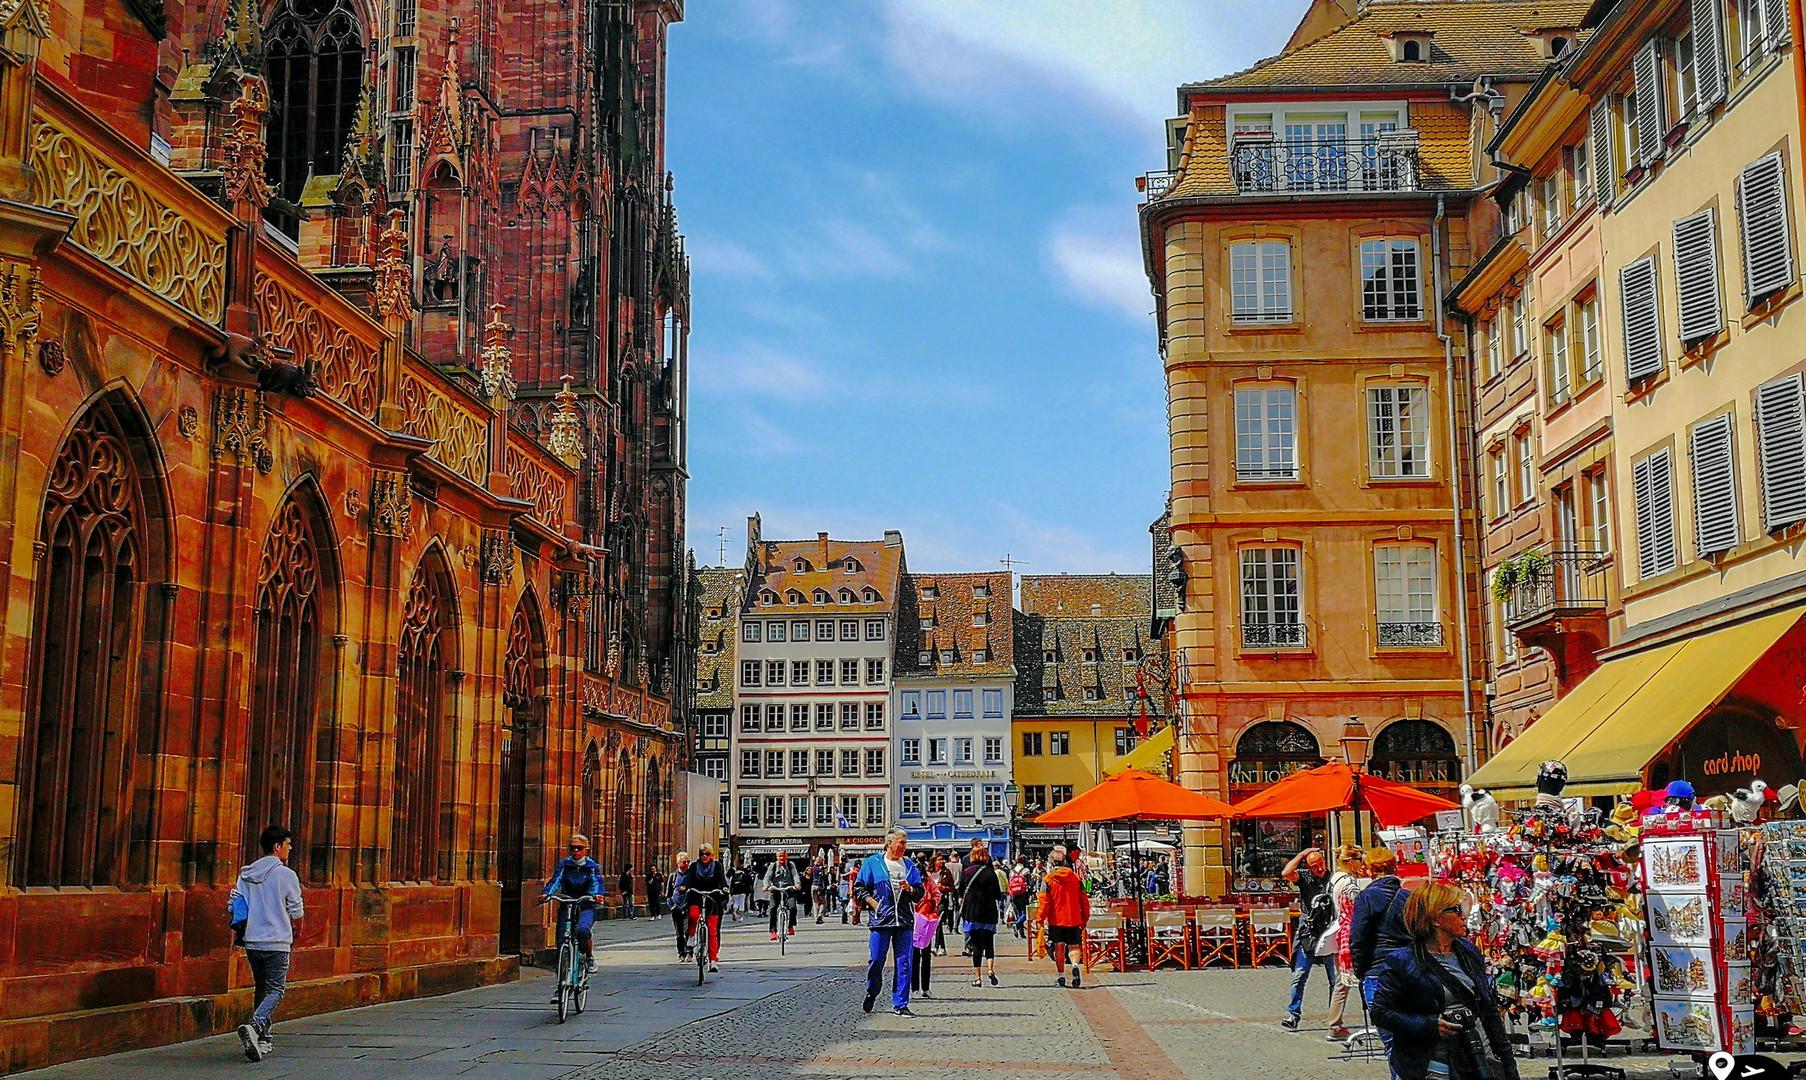 Площадь перед собором, Страсбург